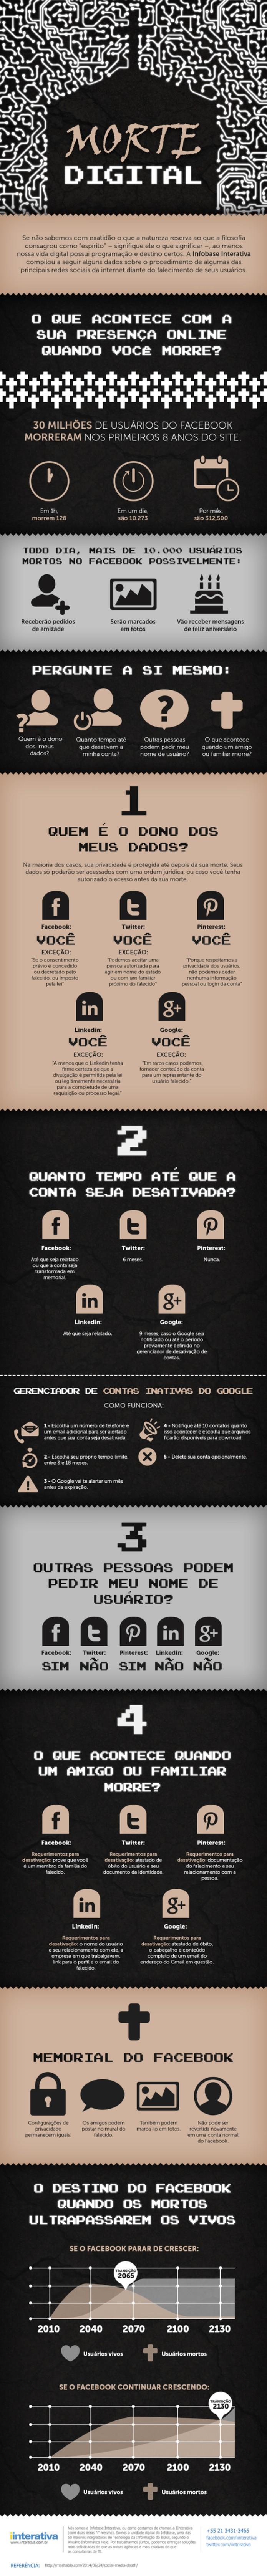 Infográfico mostra o que acontece com um perfil social em caso de morte (Arte: Reprodução/iInterativa)